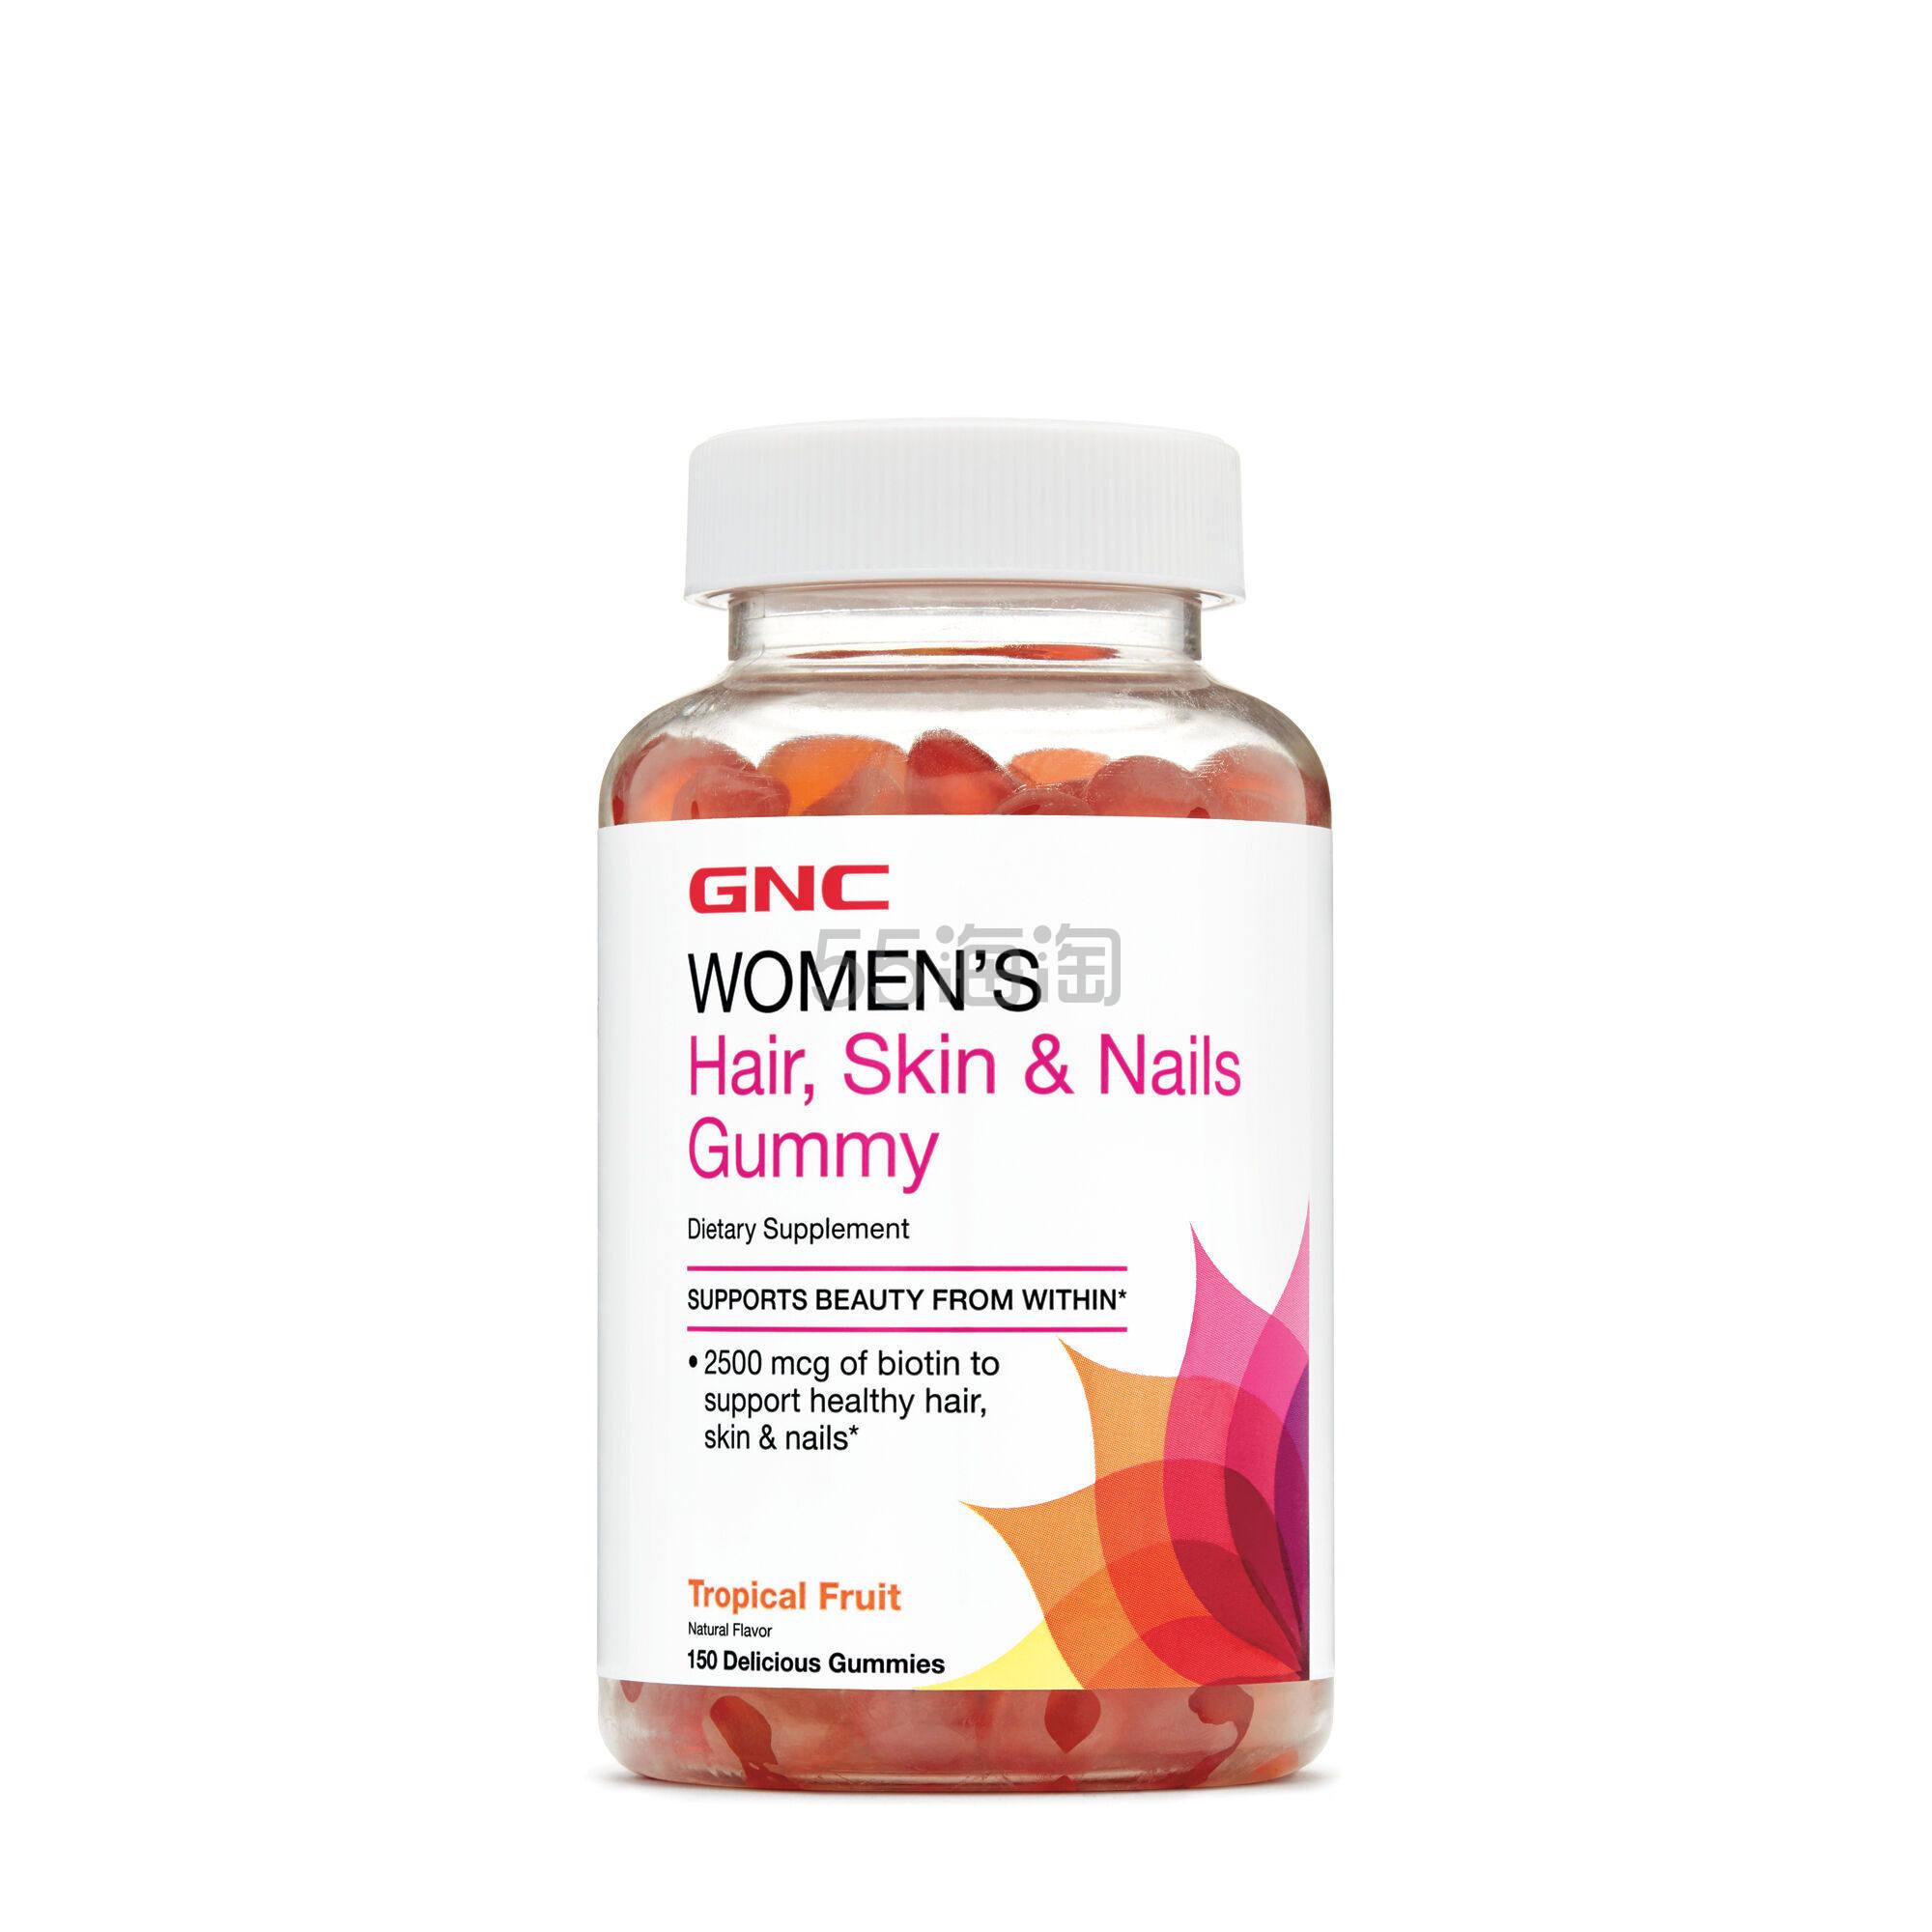 GNC 健安喜 护发、护肤、护甲软糖 热带水果味 150粒 .5(约53元) - 海淘优惠海淘折扣|55海淘网